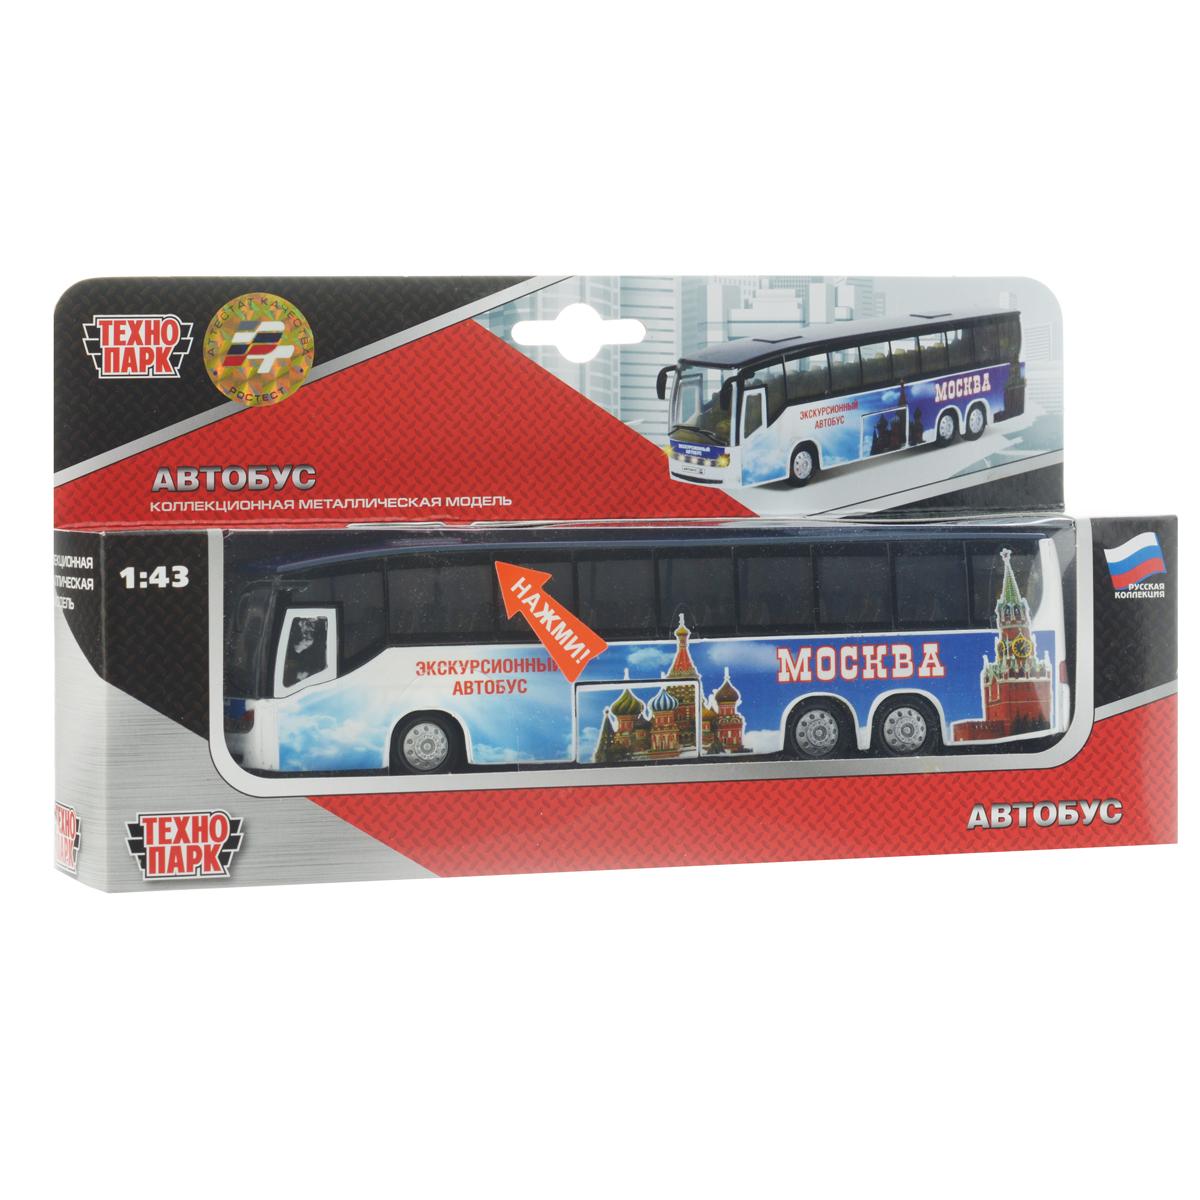 ТехноПарк Автобус инерционный Экскурсия по Москве